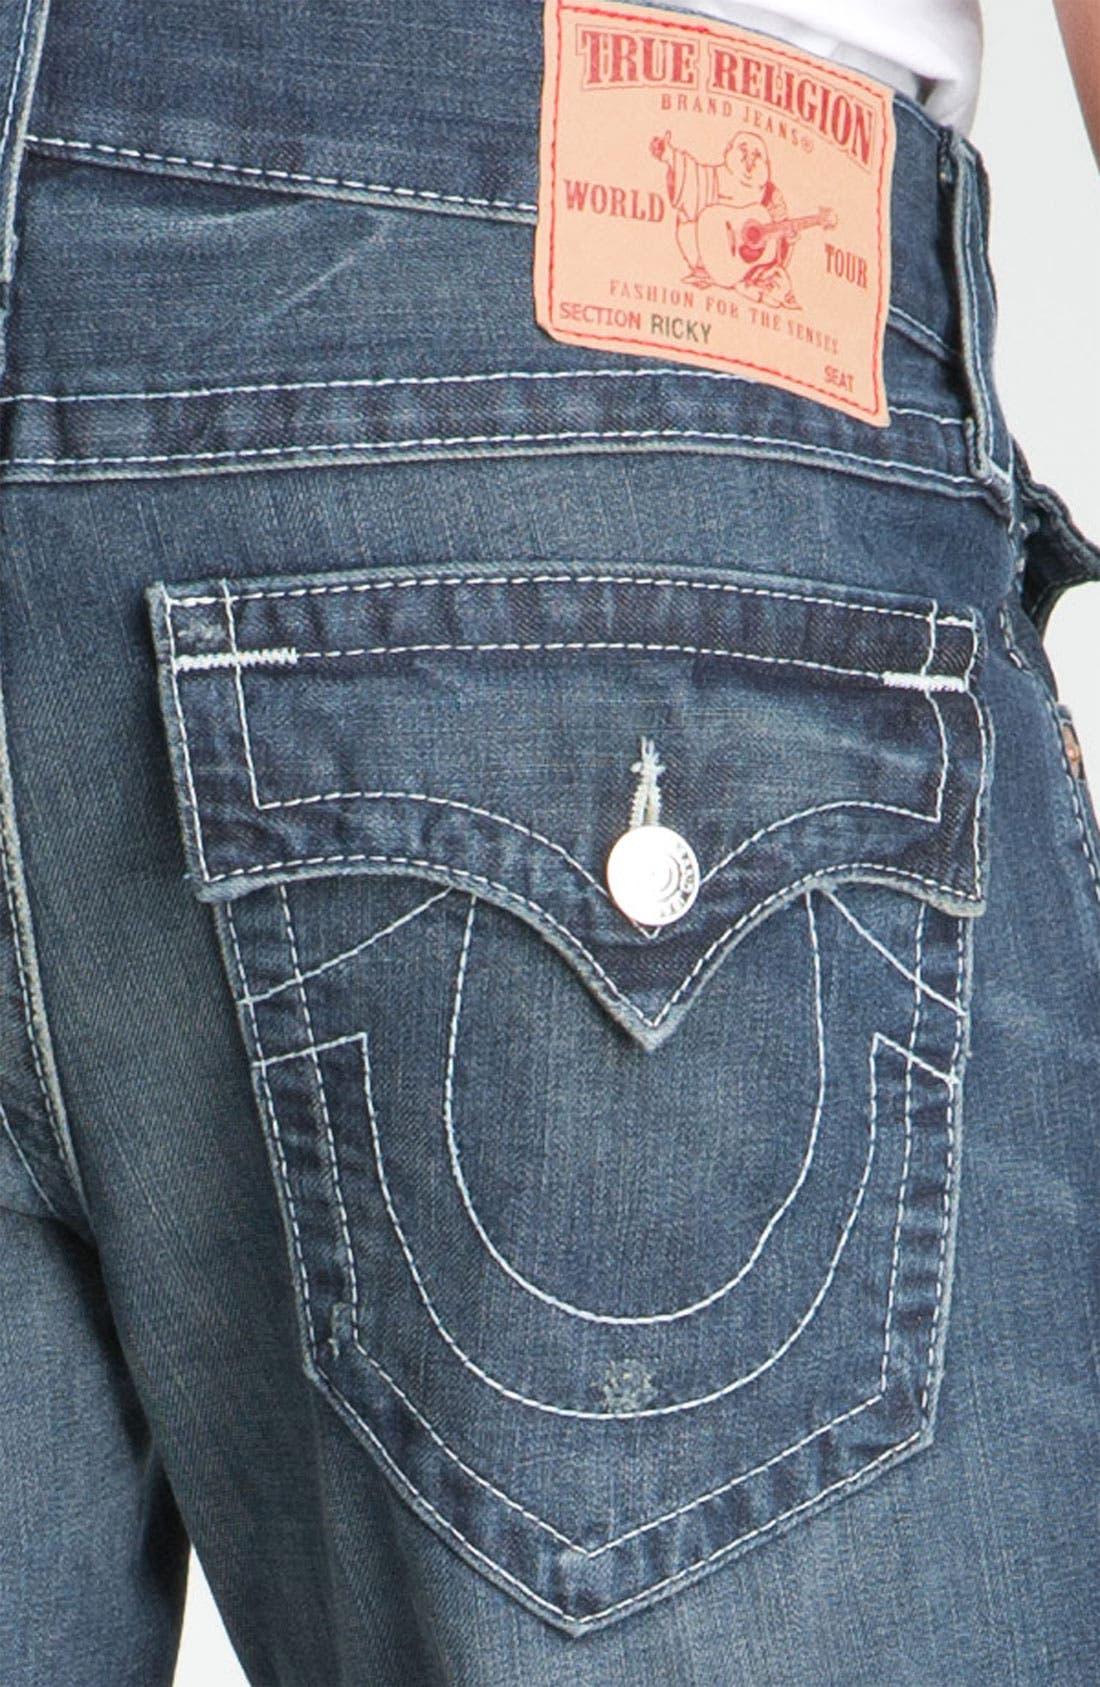 Alternate Image 4  - True Religion Brand Jeans 'Ricky - Natural' Straight Leg Jeans (Surfer Dark)